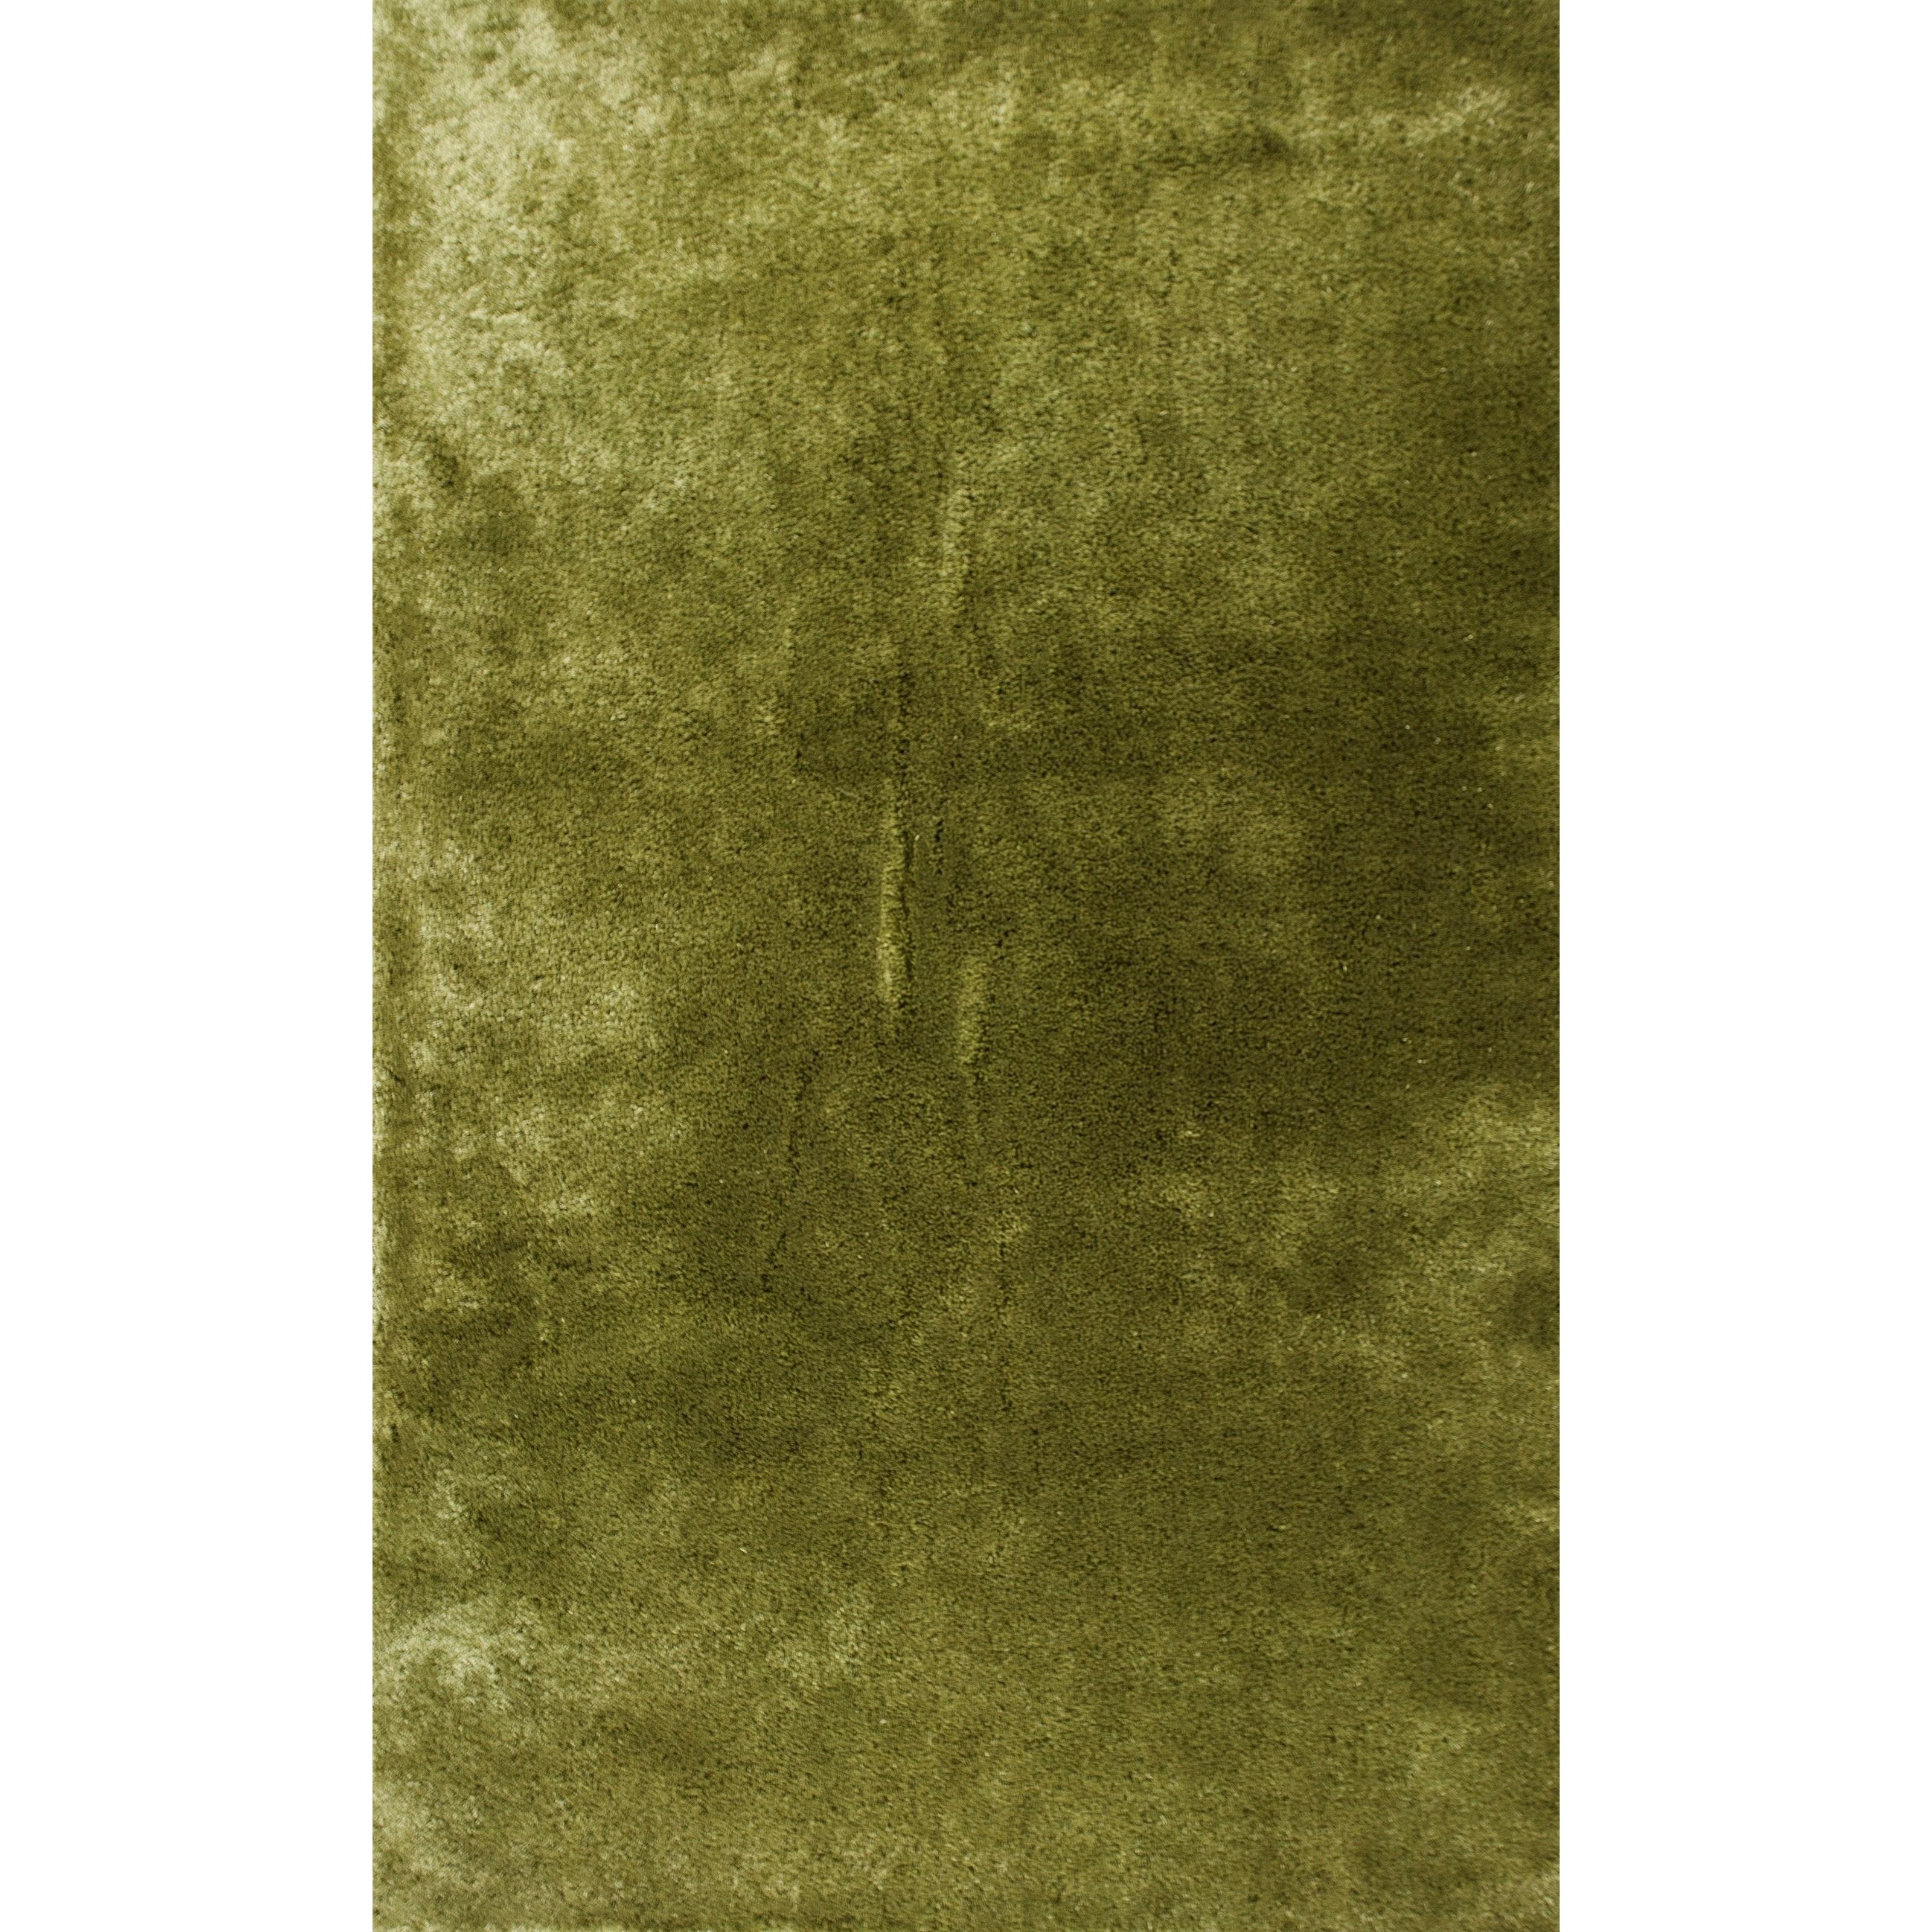 5' X 7' Leaf Green Area Rug